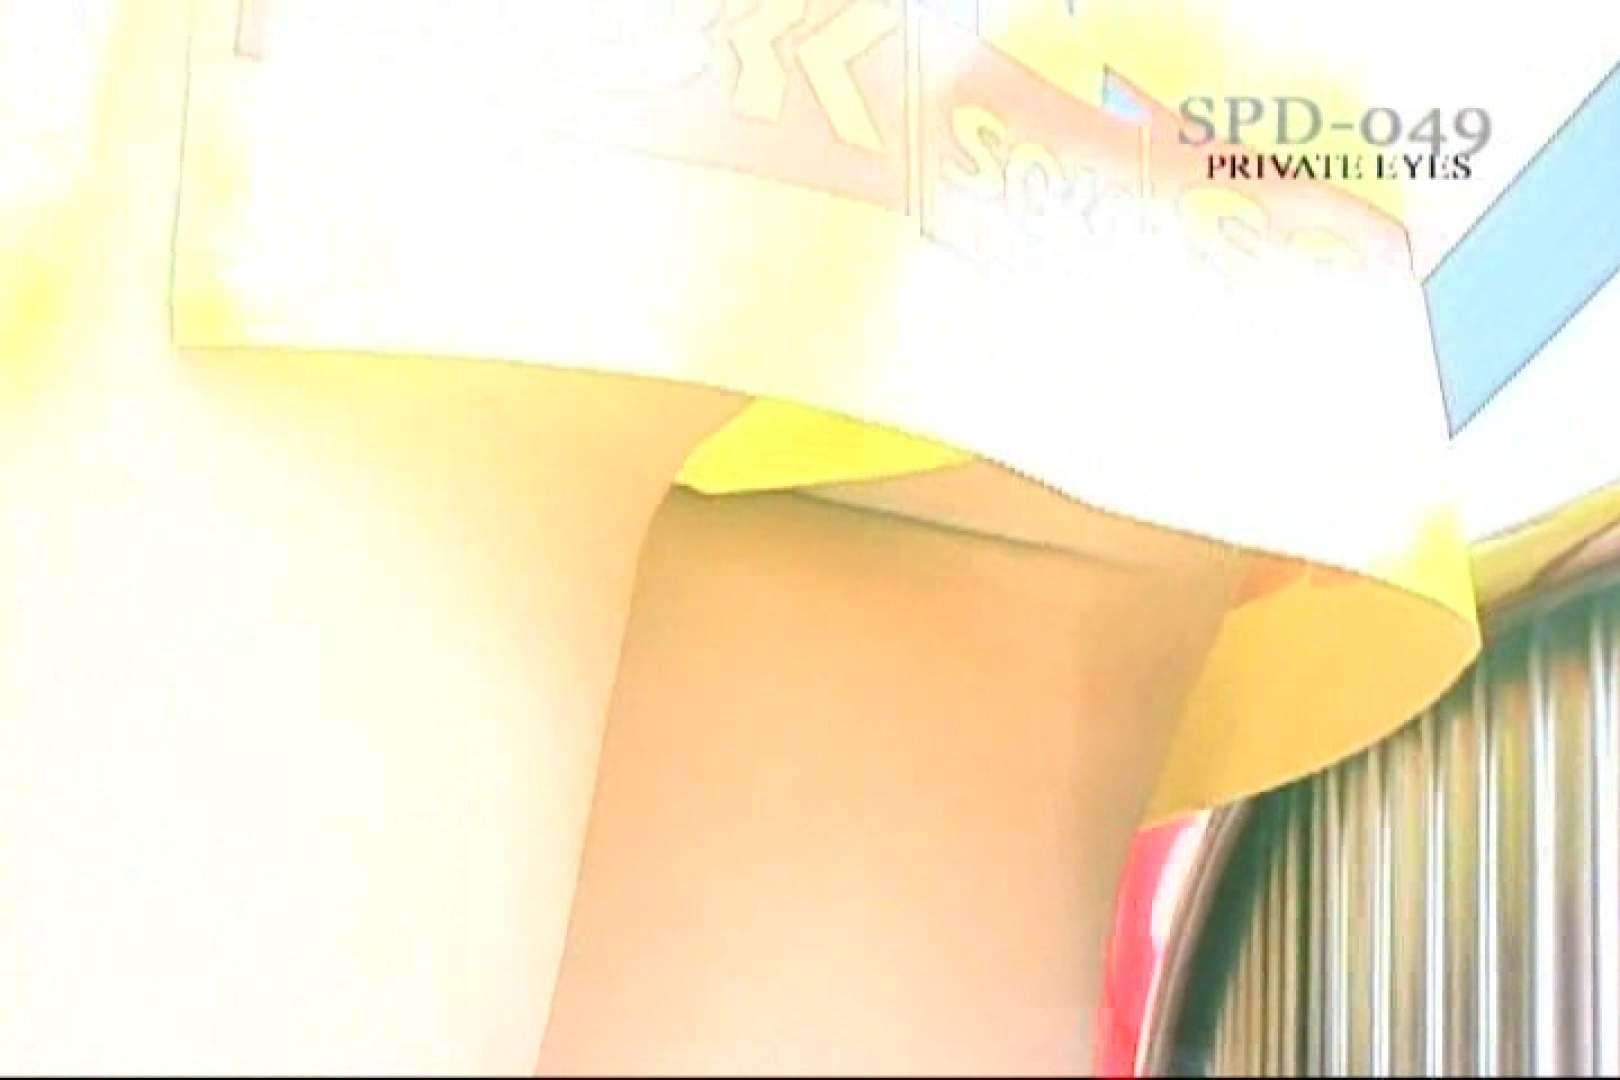 高画質版!SPD-049 サーキットの女神達 99'GT富士第5戦 プライベート  34Pix 23